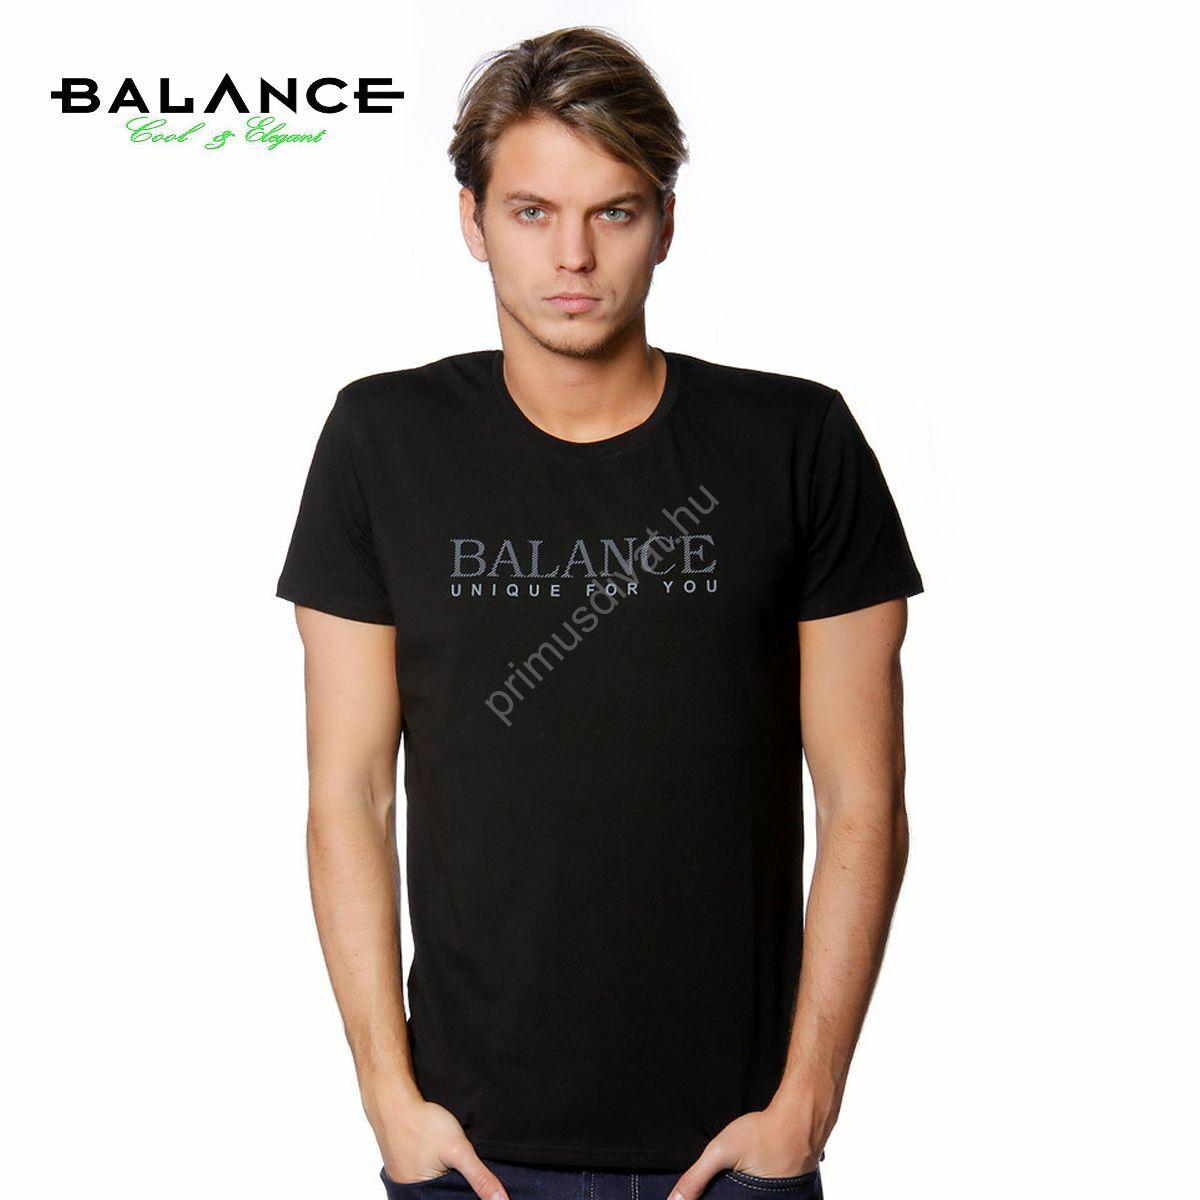 397613bff0 Kép 1/1 - Balance rugalmas, környakas rövid ujjú póló, mellén  márkafelirattal, fekete